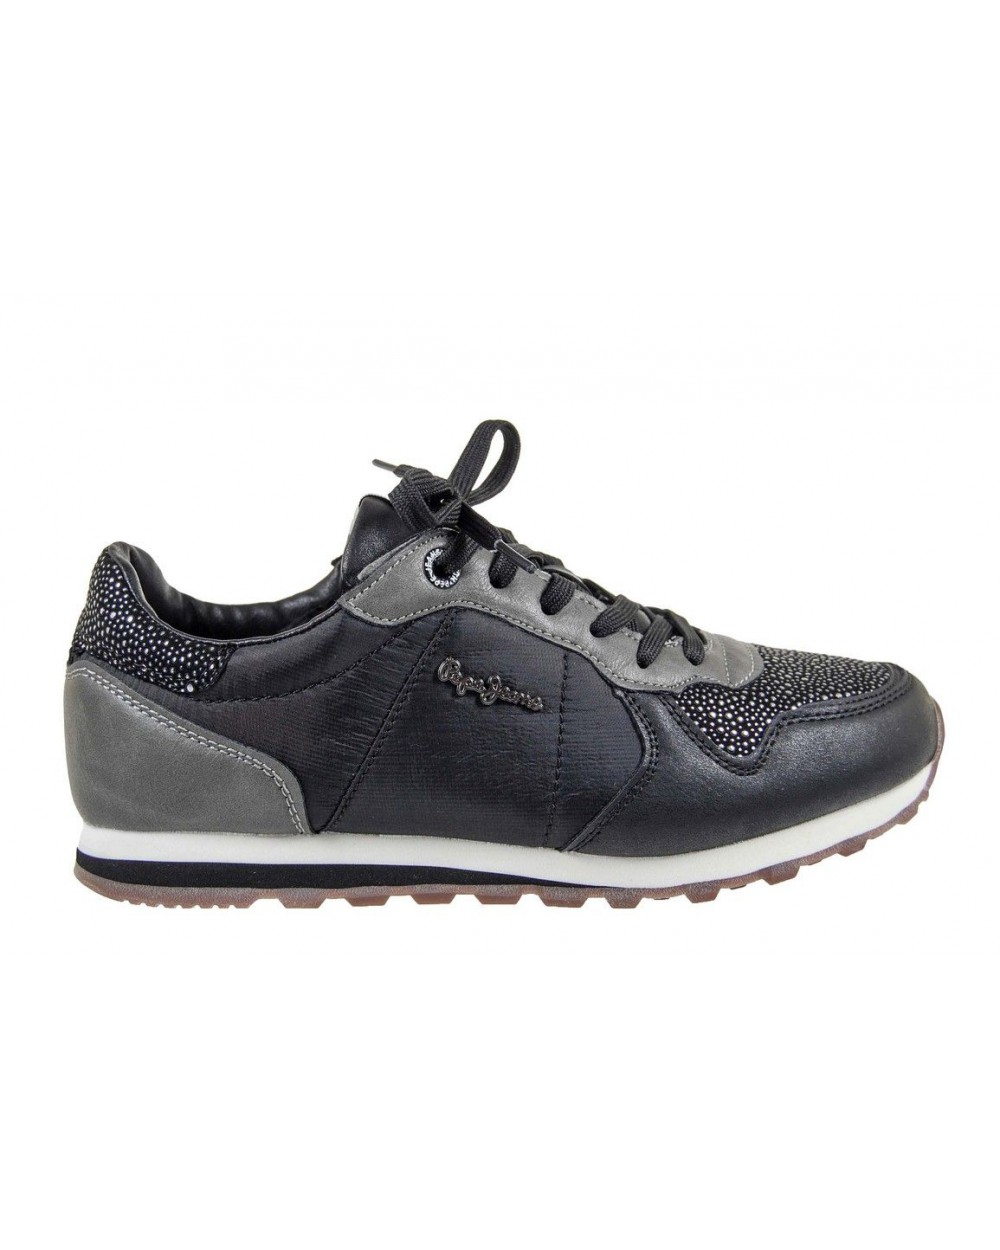 Sneakersy damskie PEPE JEANS PLS30419 Verona brooman.pl